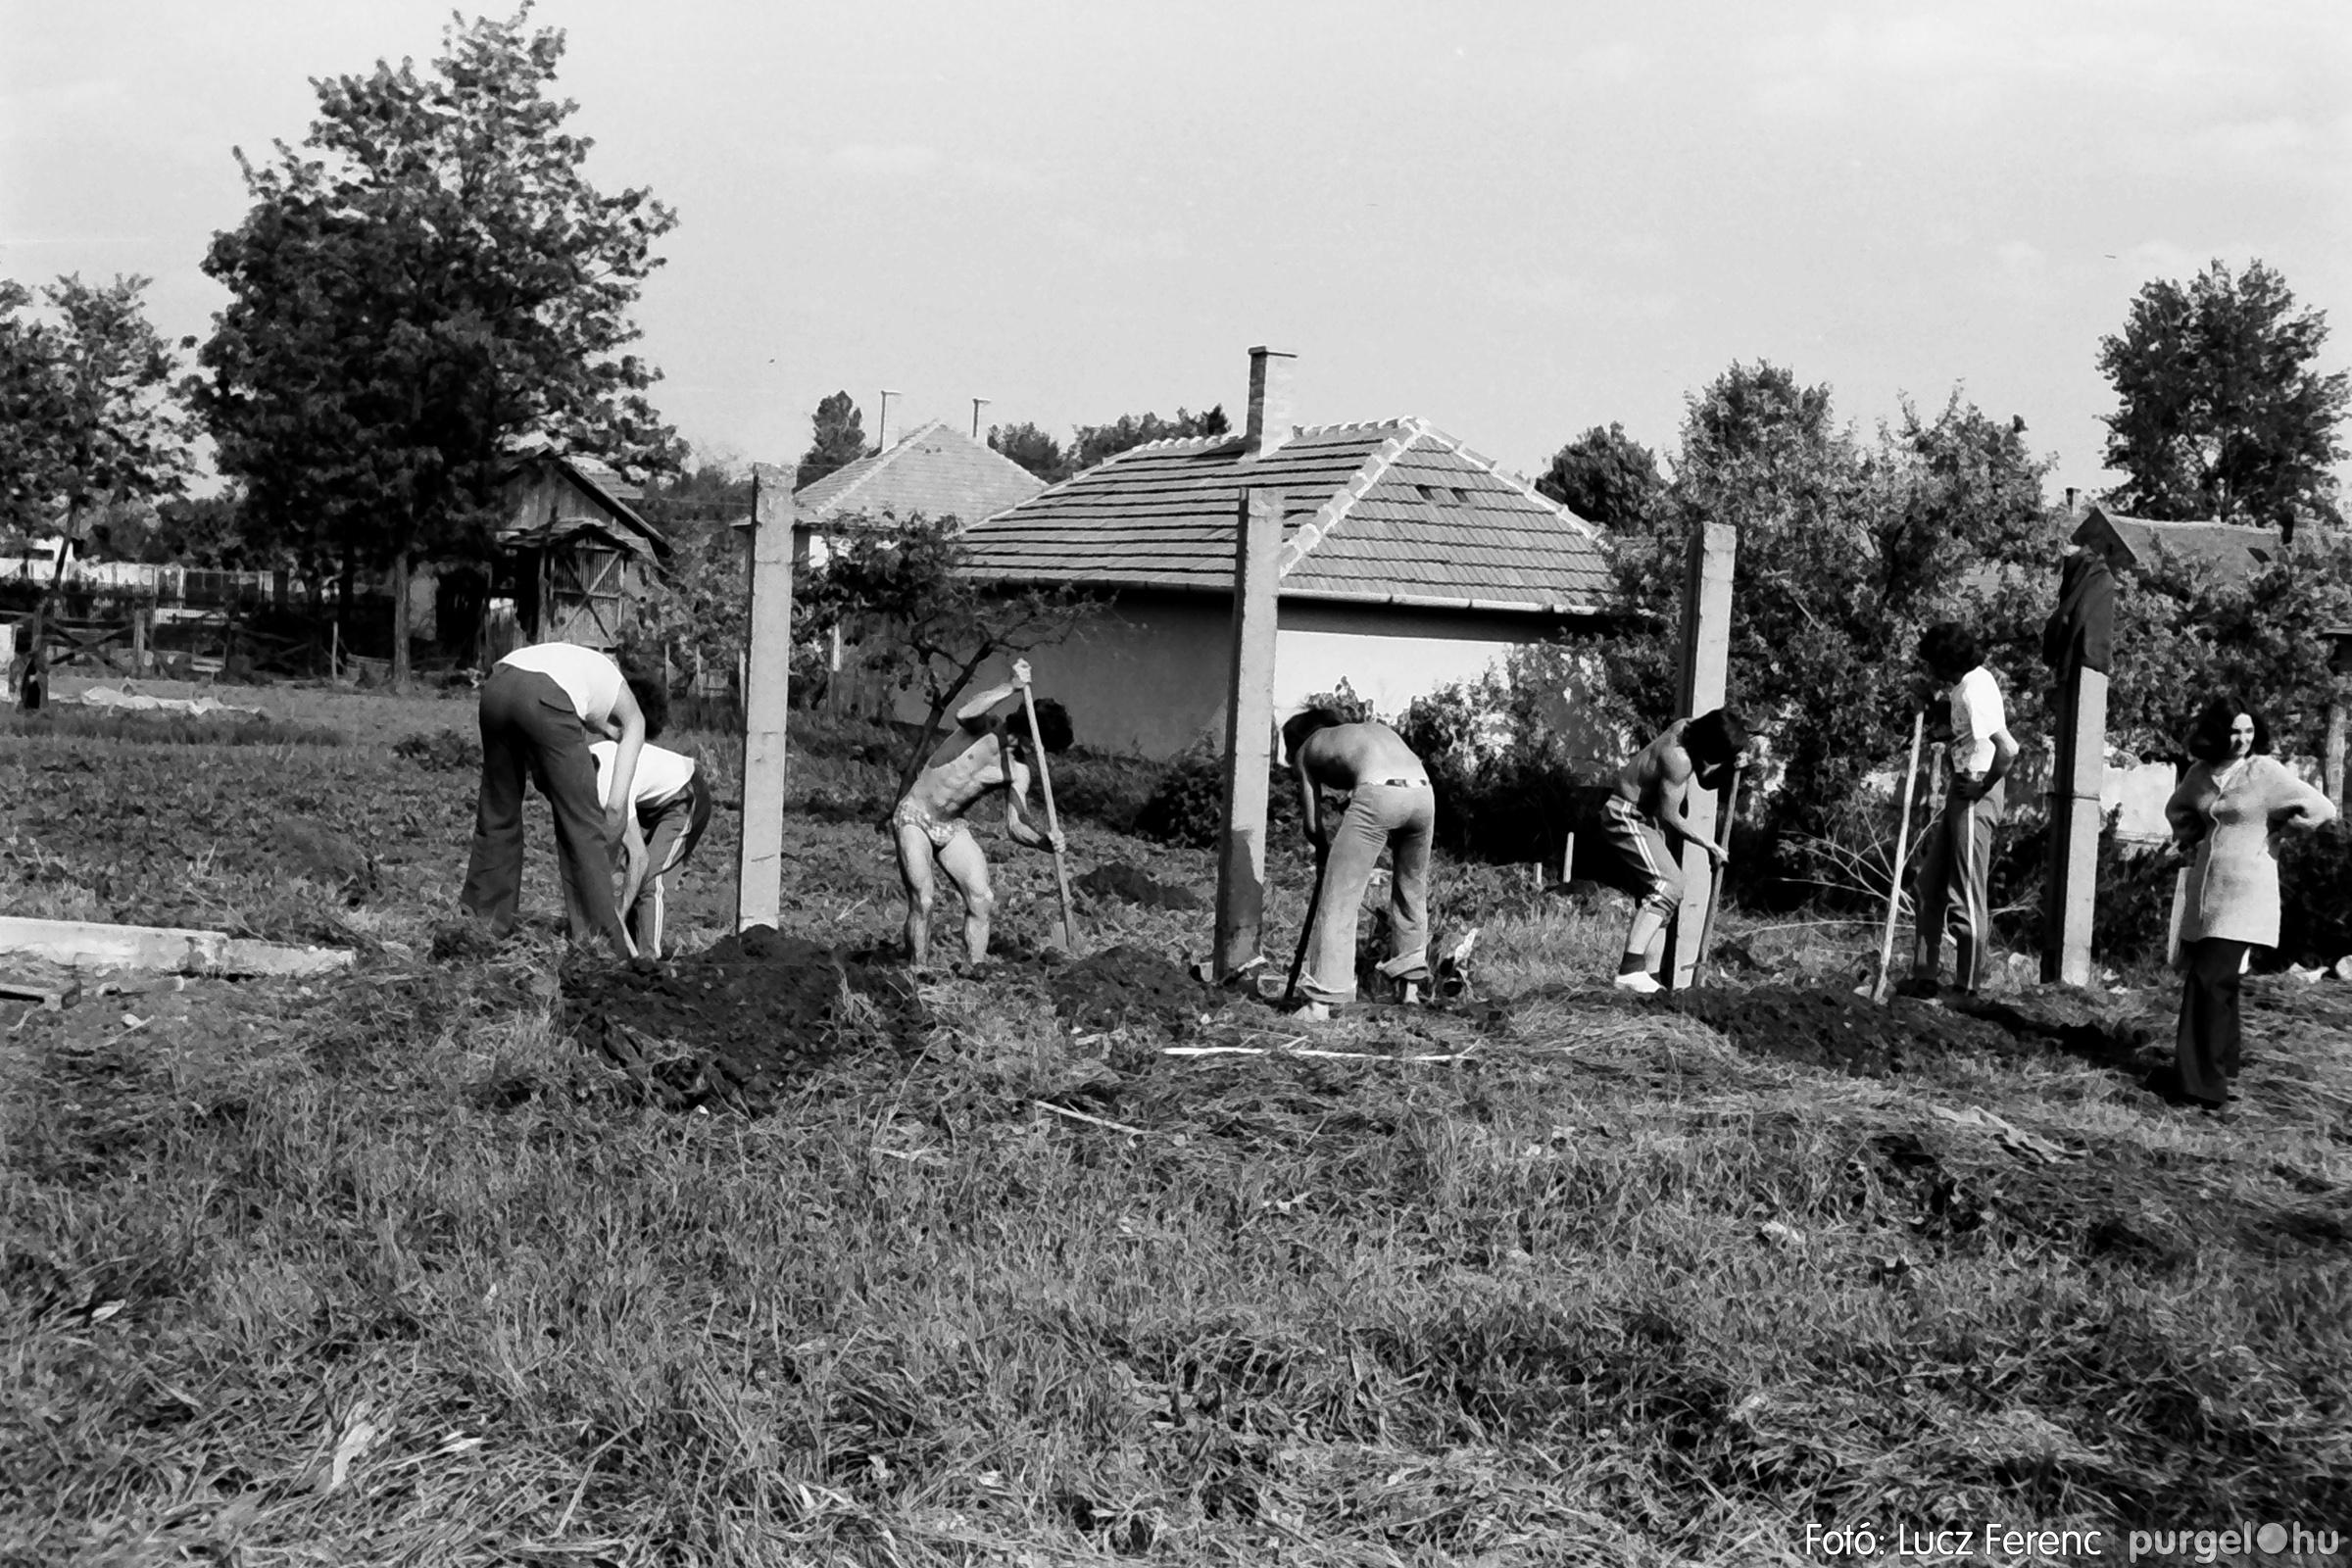 048, 051. 1976. Társadalmi munka 013. - Fotó: Lucz Ferenc.jpg